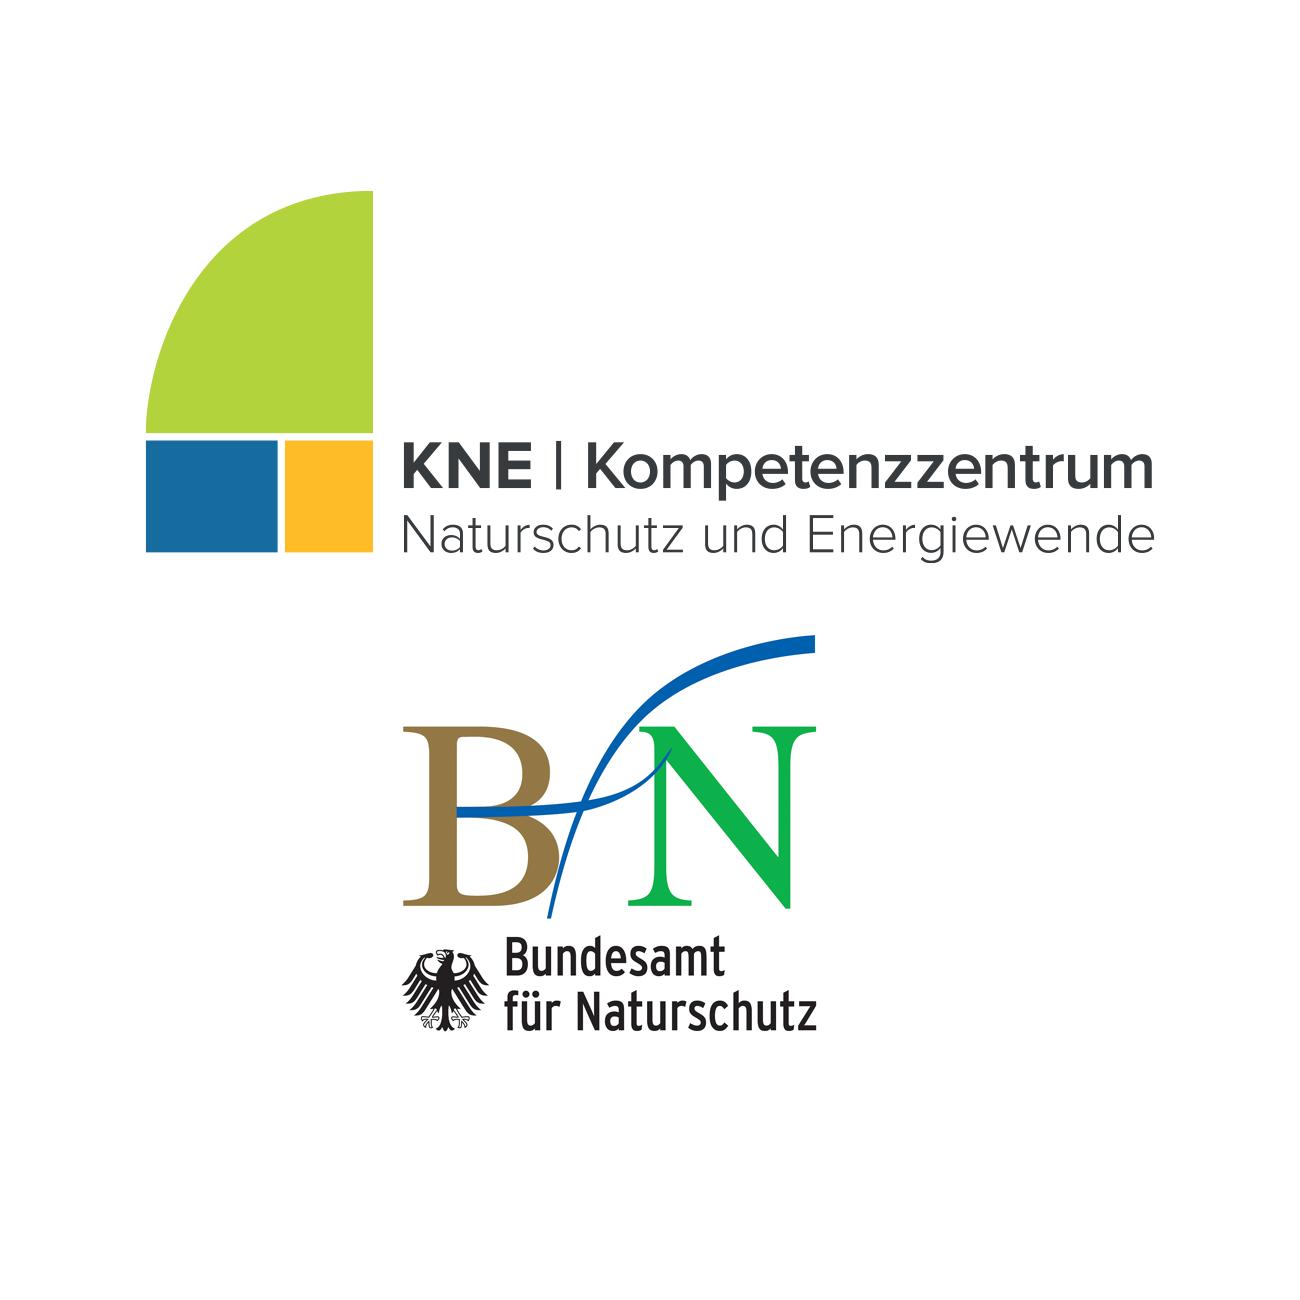 Kompetenzzentrum Naturschutz und Energiewende gGmbH und Bundesamt für Naturschutz